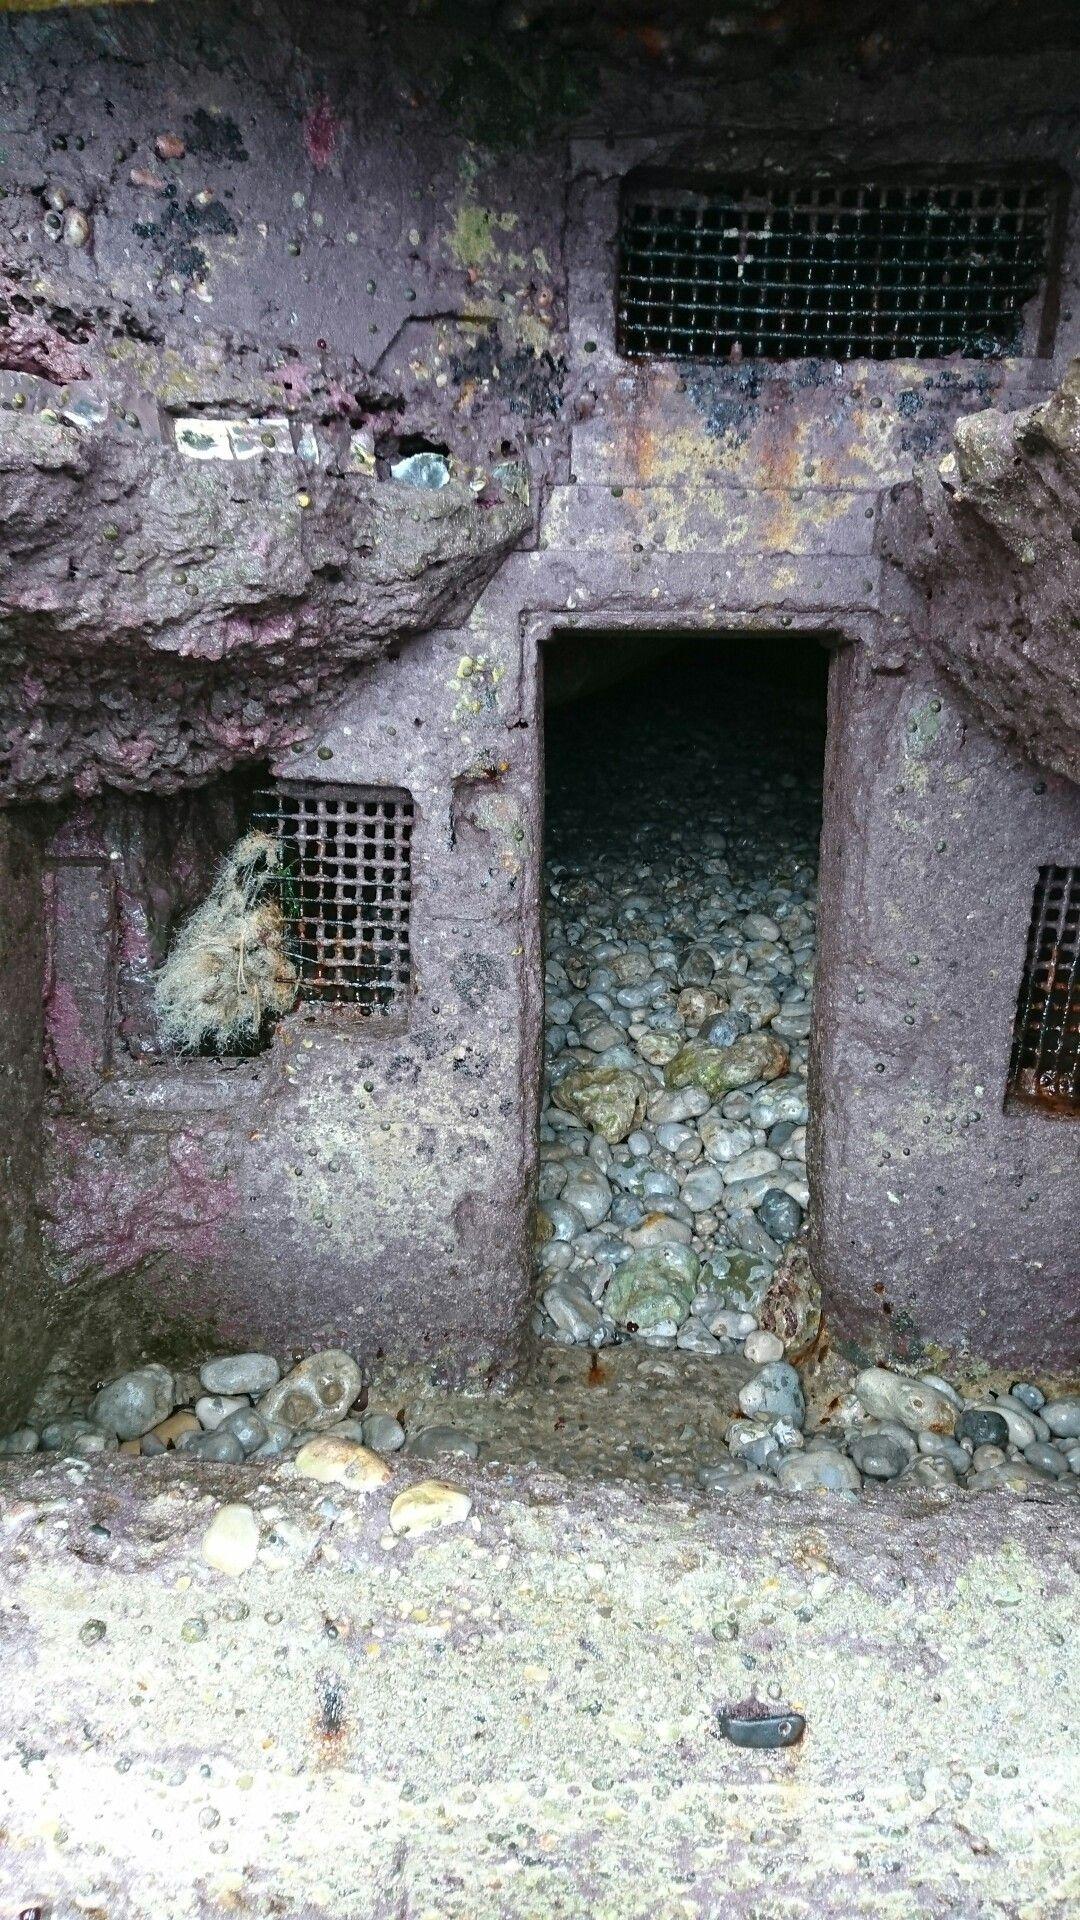 Étretat ⚓ Atlantikwall Bunker ⚓ Normandie | Normandie ...